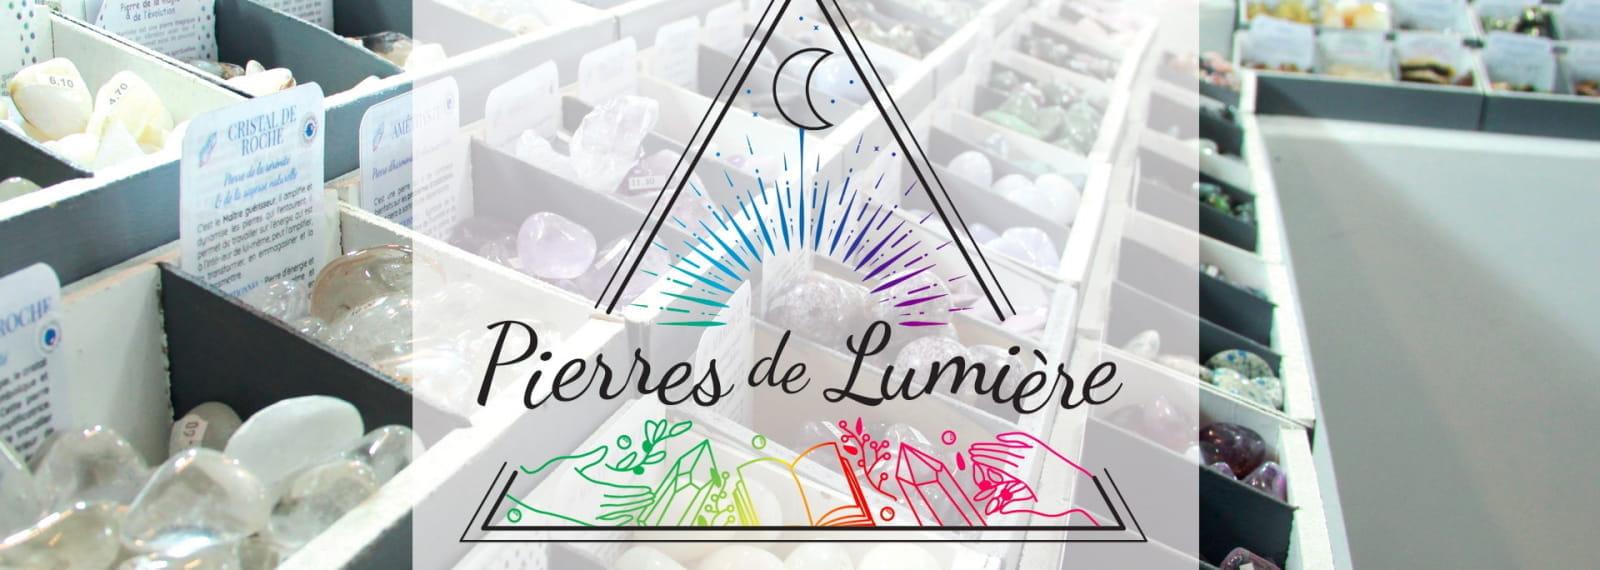 Pierres de Lumière